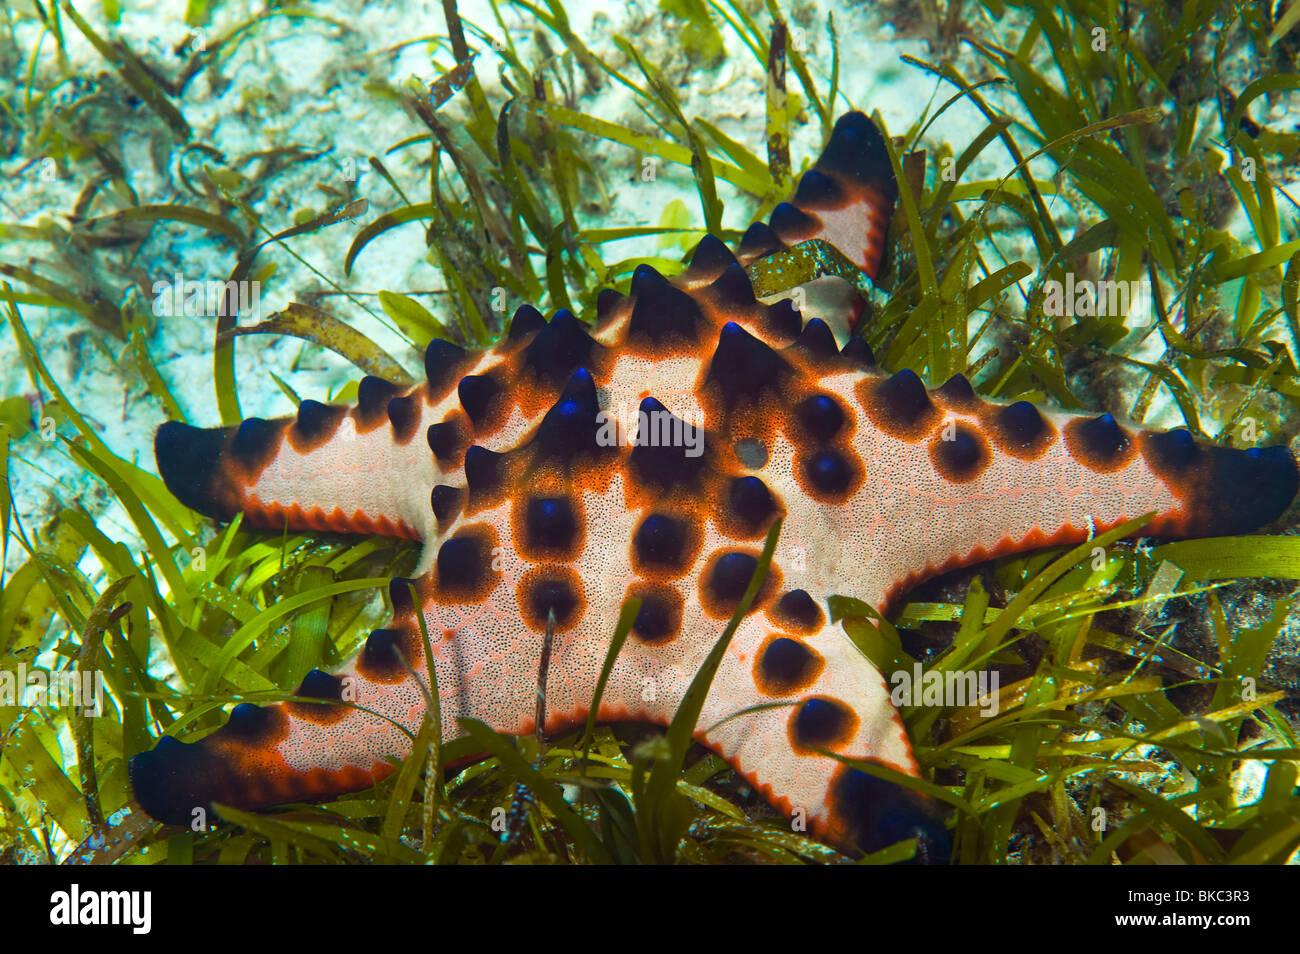 Chocolate Chip Sea Star Stock Photos & Chocolate Chip Sea Star ...